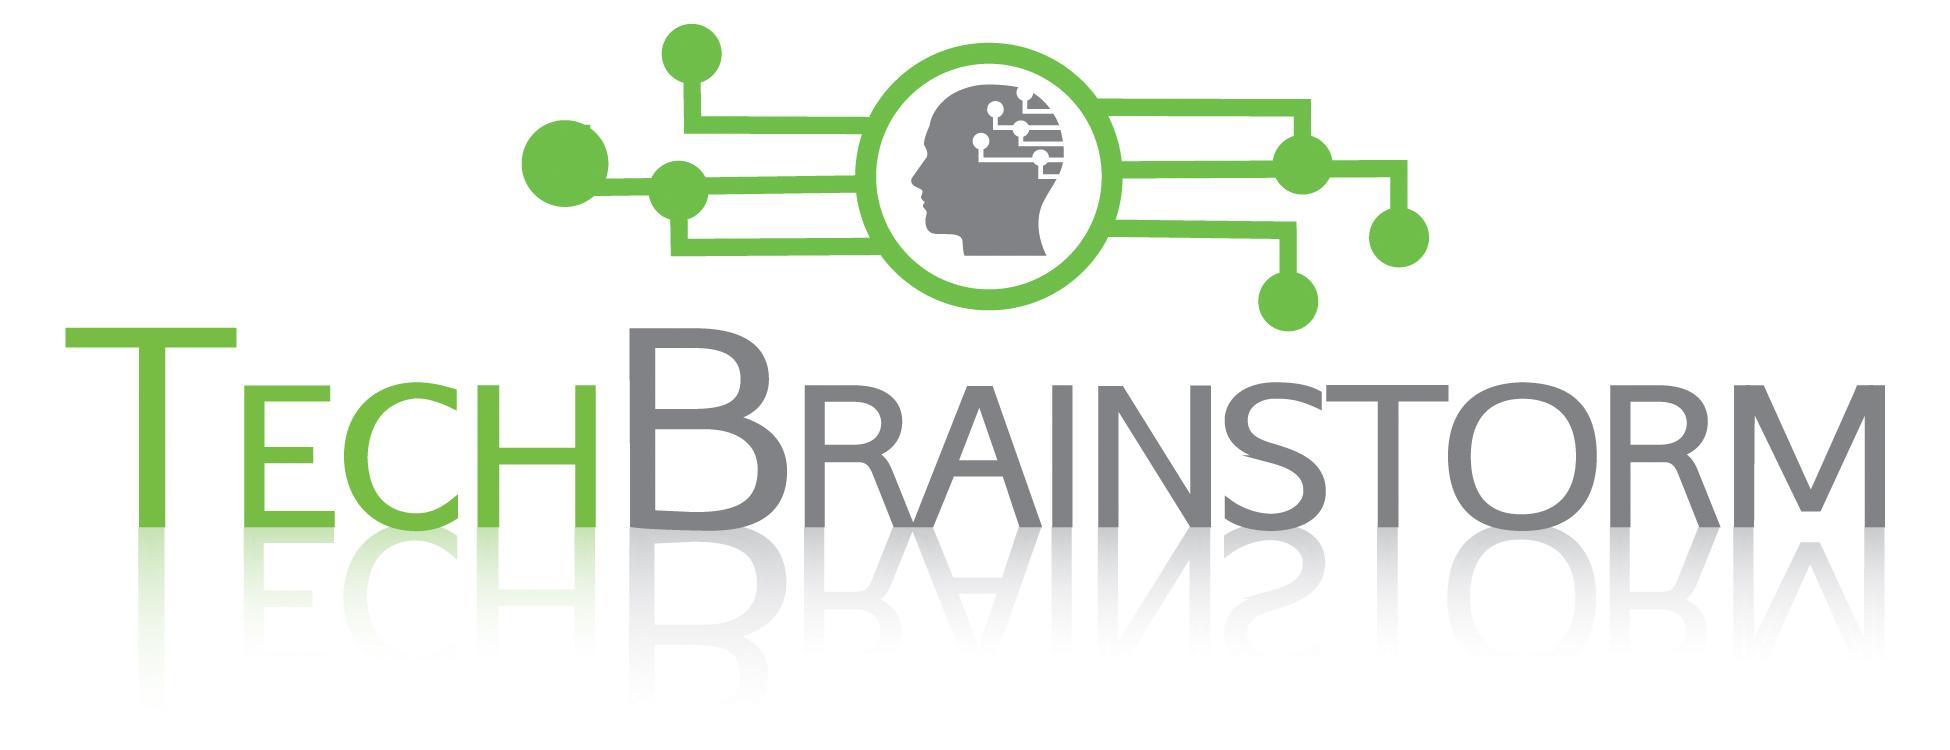 TechBrainstorm_Logo.jpg